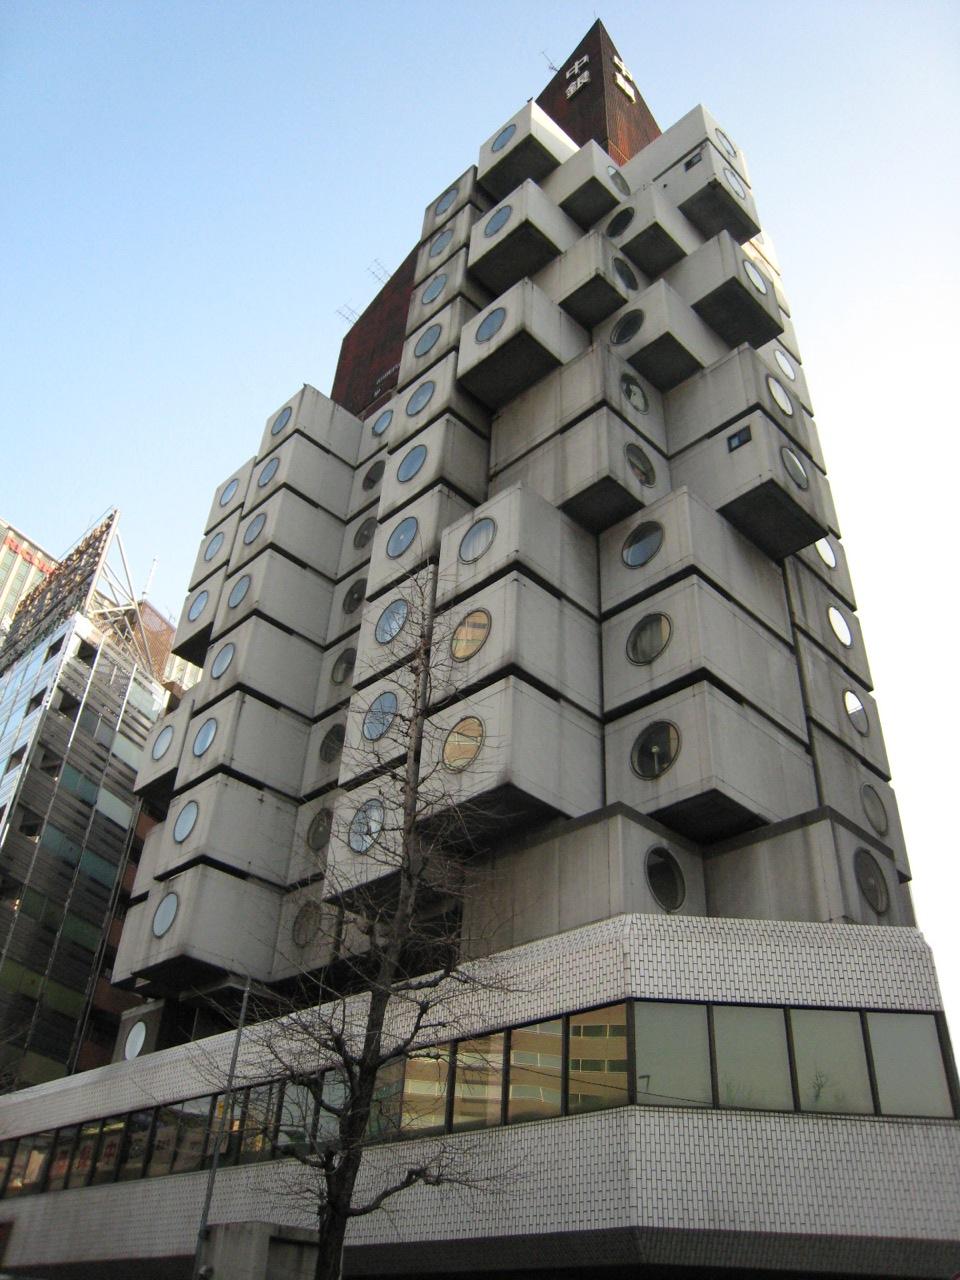 Capsule Tower Japan File:nakagin Capsule Tower